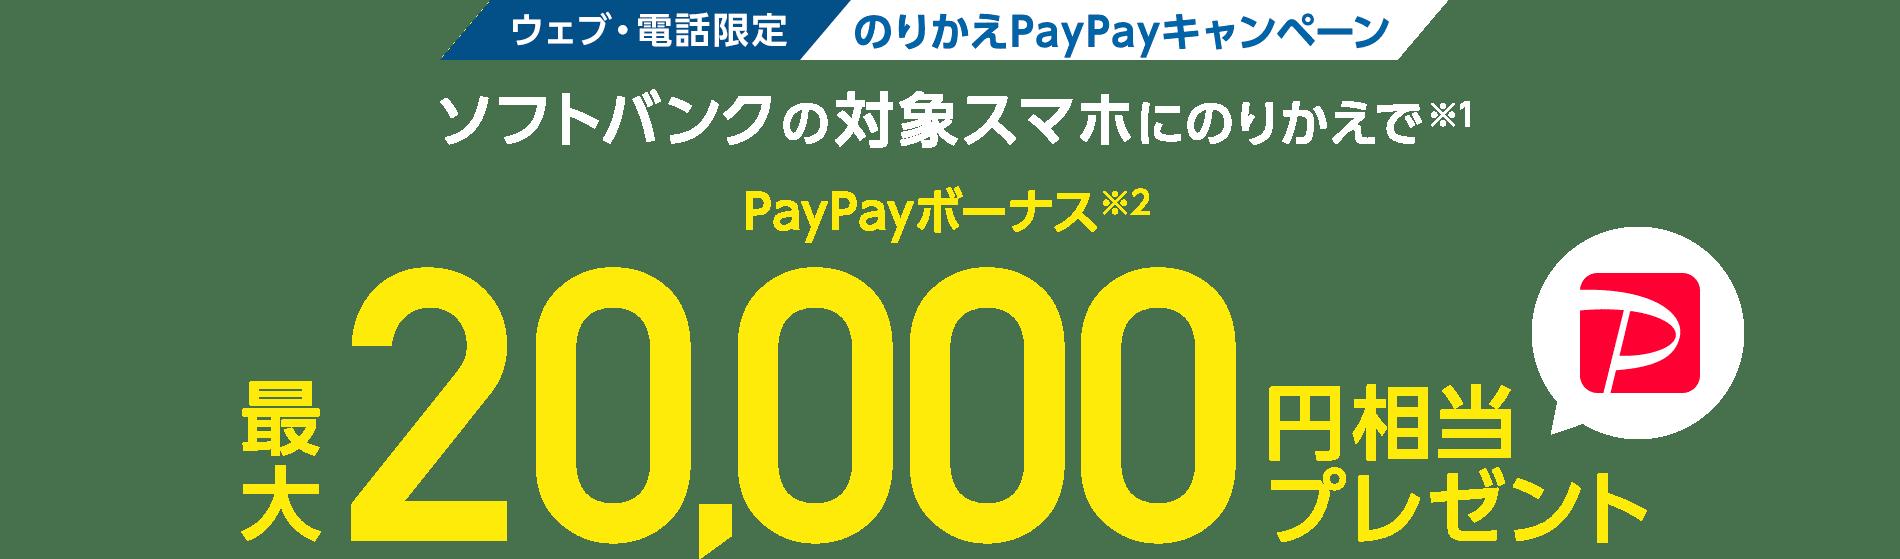 ウェブ・電話限定のりかえPayPayキャンペーンソフトバンクの対象スマホにのりかえで(※1)PayPayボーナス(※2)最大20,000円相当プレゼント